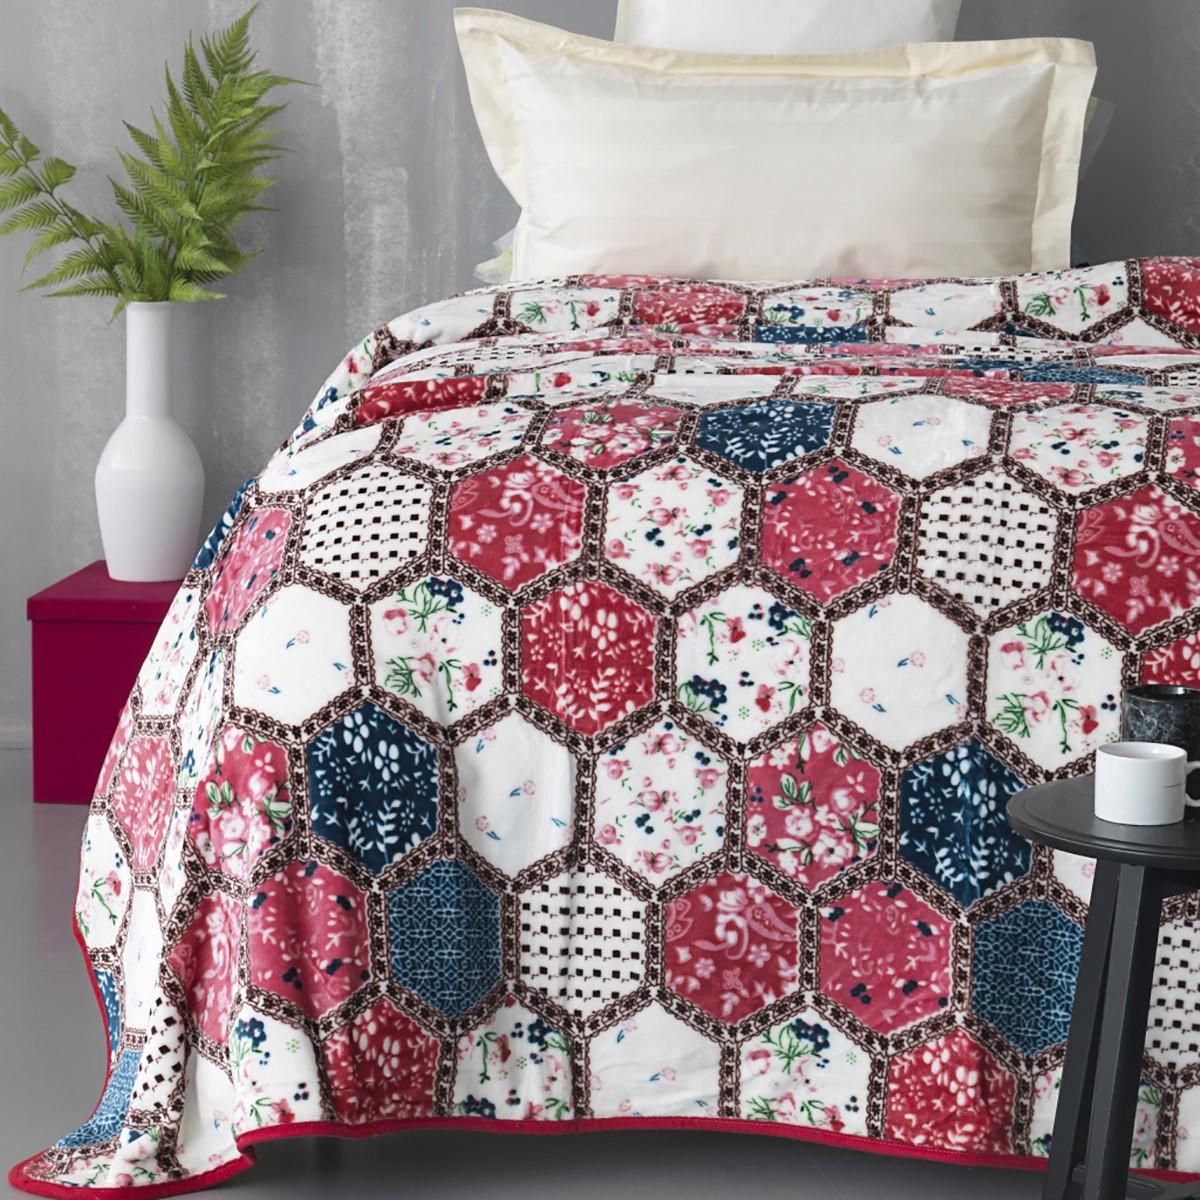 Κουβέρτα Fleece Μονή Palamaiki Silky 244 home   κρεβατοκάμαρα   κουβέρτες   κουβέρτες fleece μονές